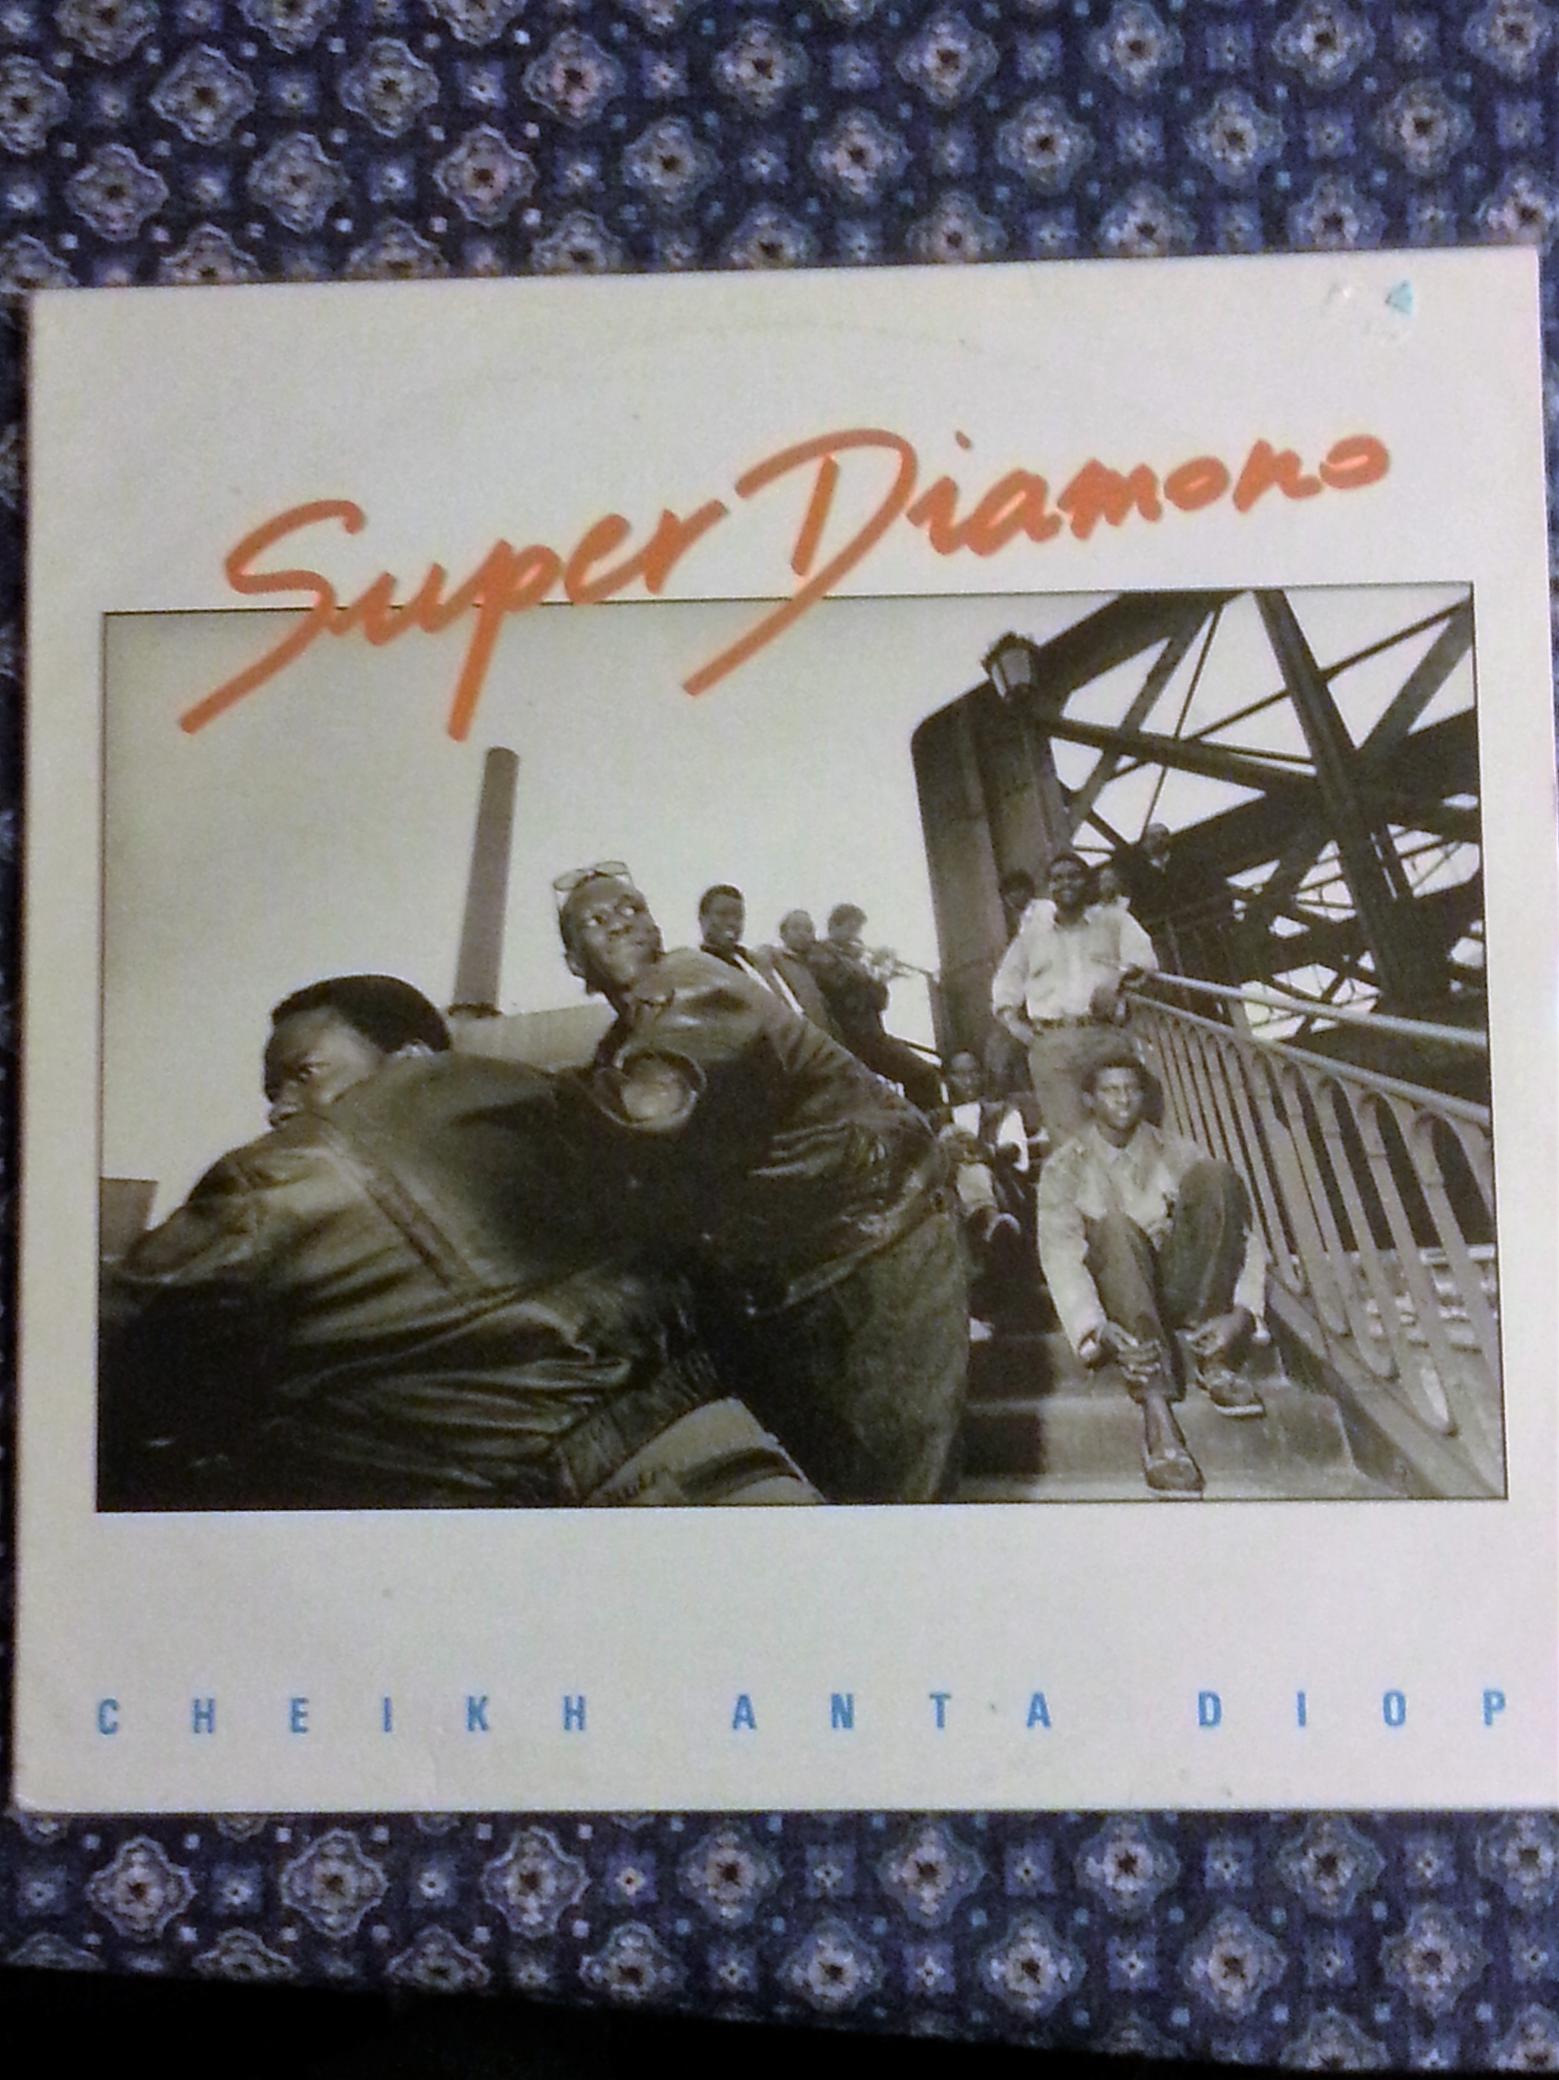 SUPER DIAMONO